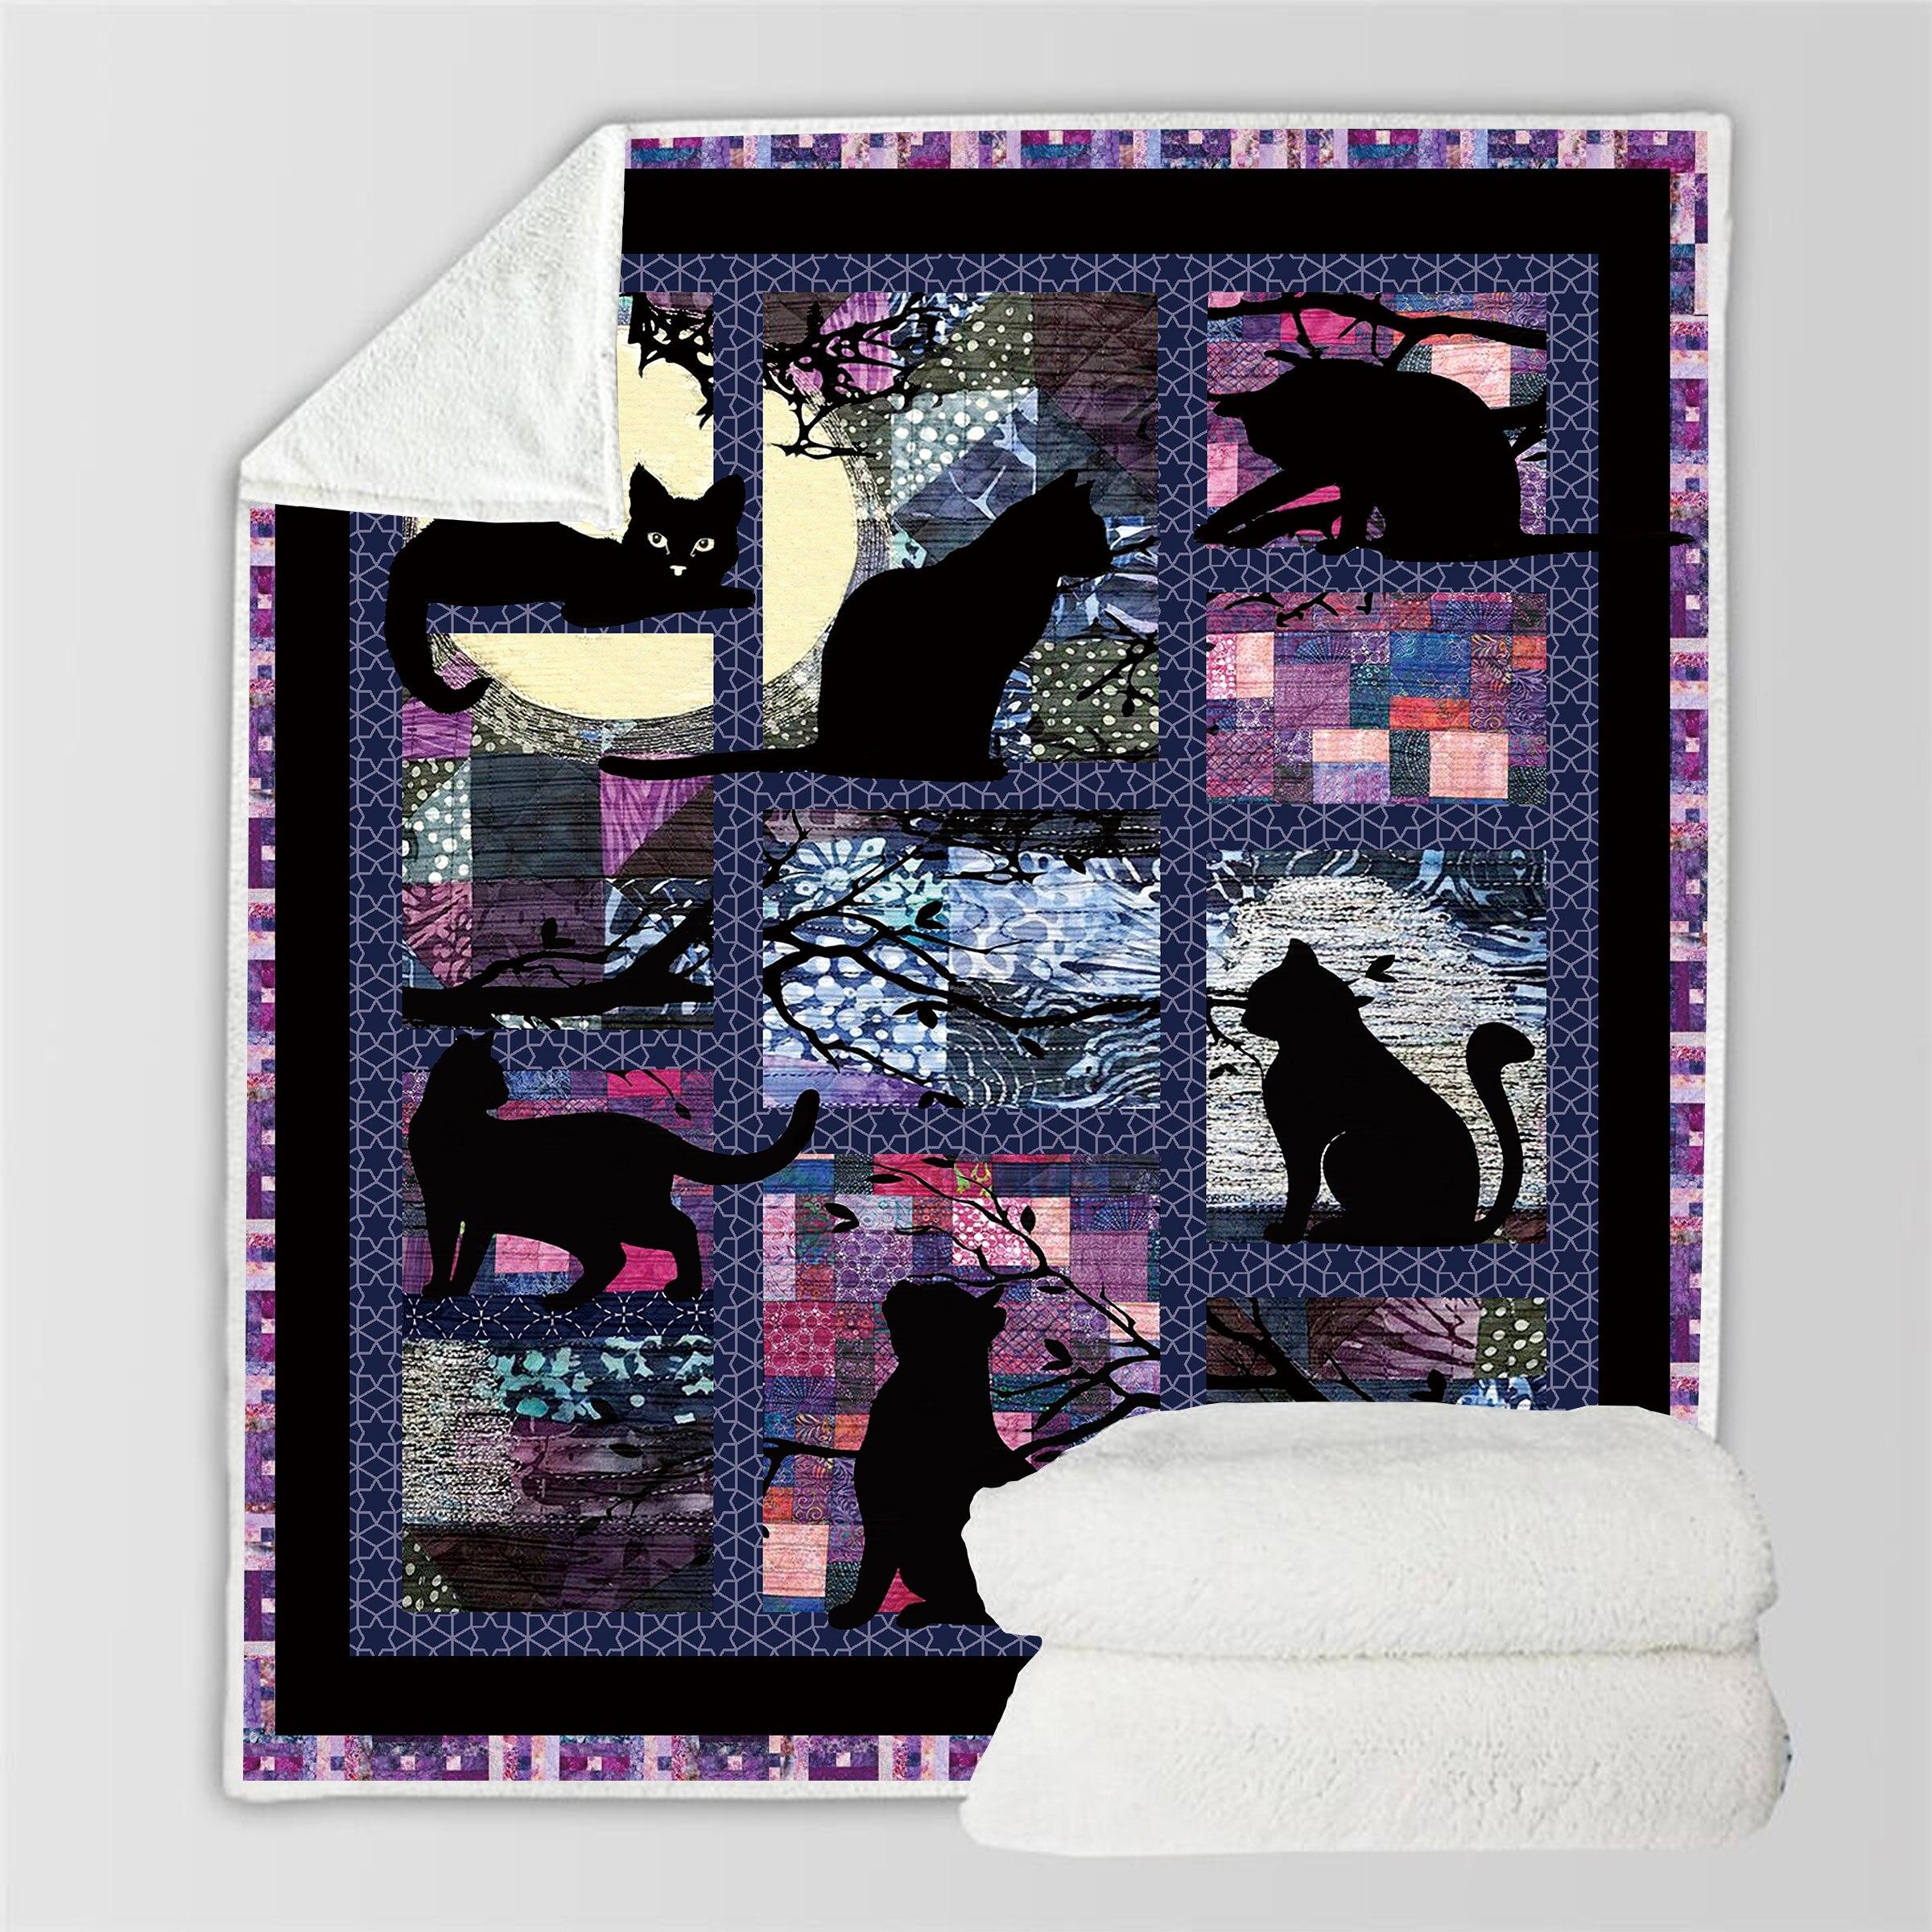 Black Cat Throw Blanket on Sofa 3D Animal Plush Blanket Lovely Pet Fur 150x200cm